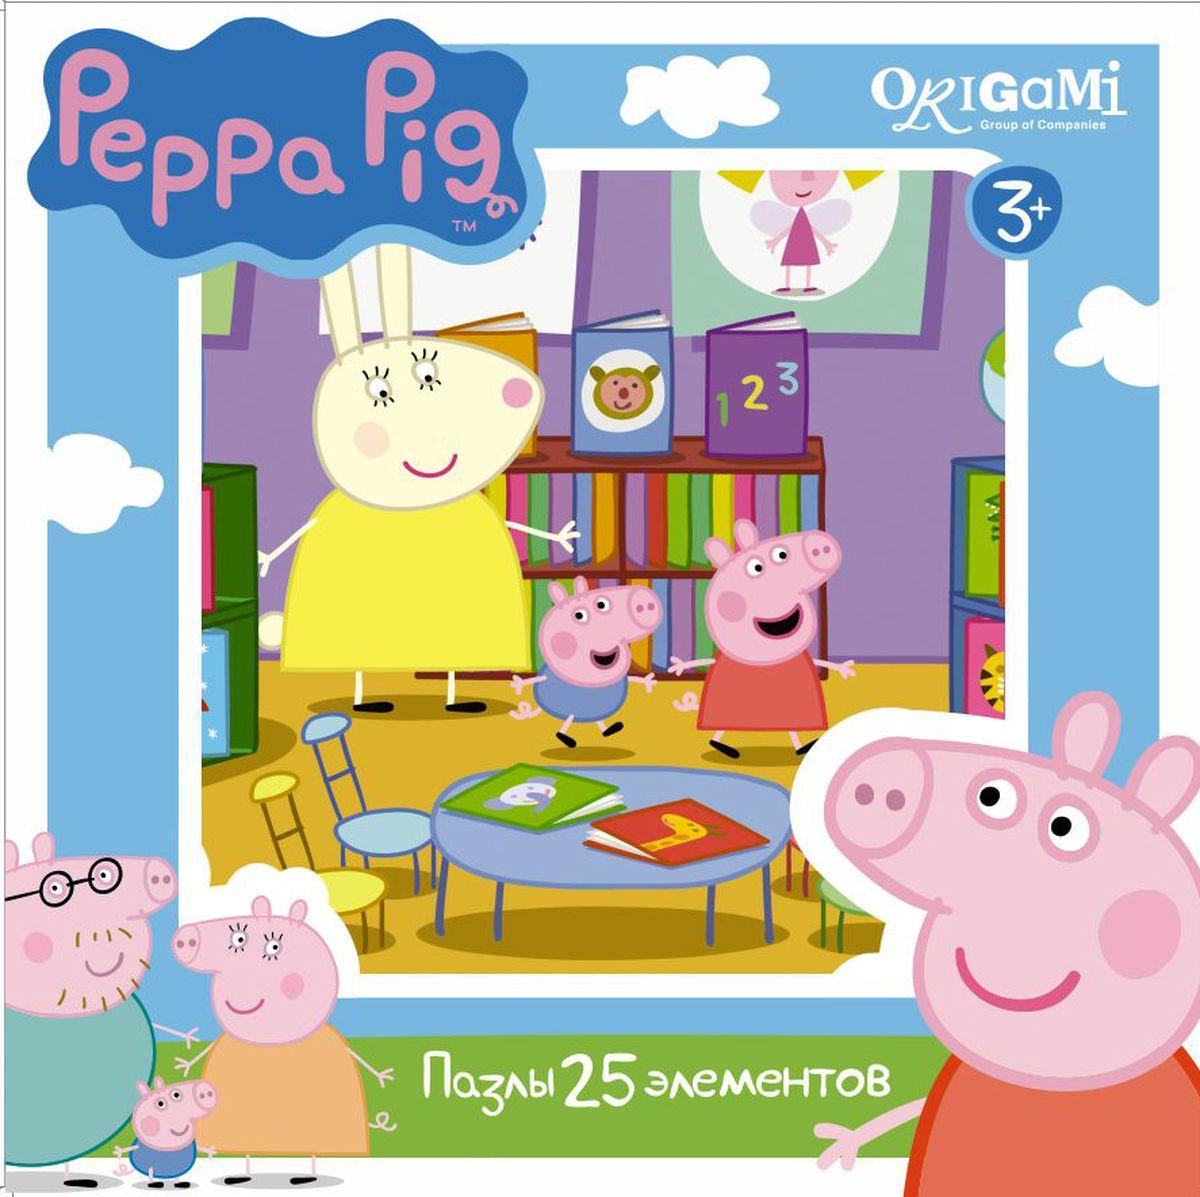 Оригами Пазл для малышей Peppa Pig 01583 origami пазл макси peppa pig магазин фруктов 35 элементов